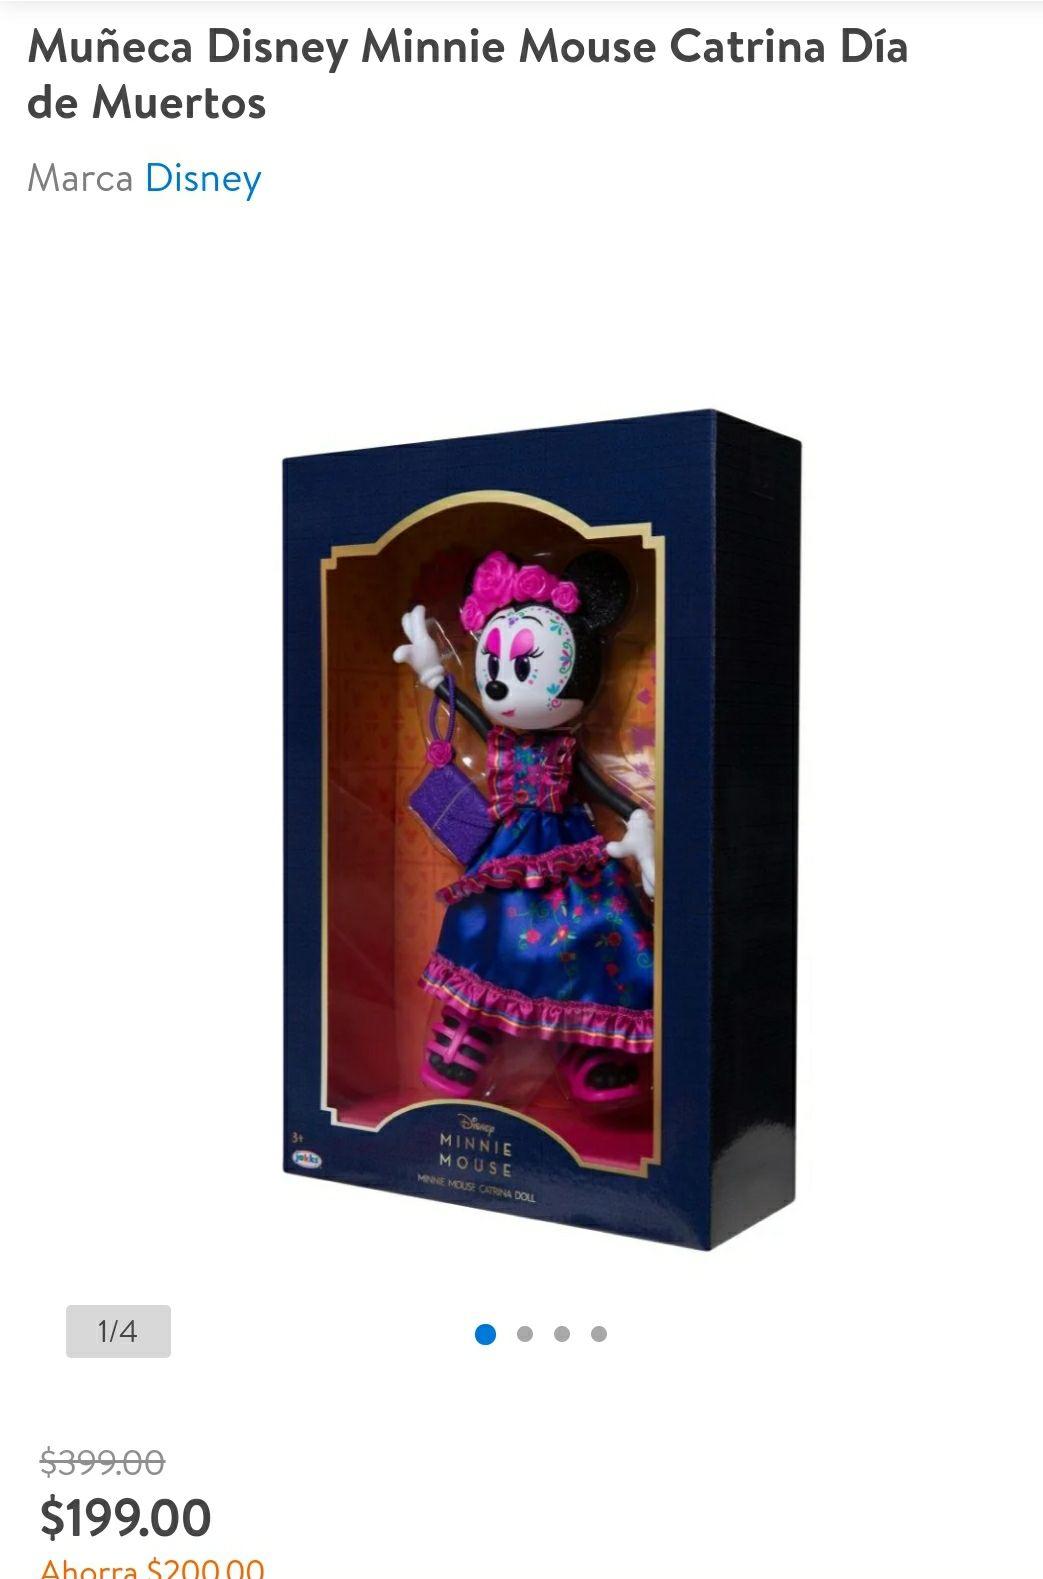 Walmart: Muñeca Disney Minnie Mouse Catrina Día de Muertos